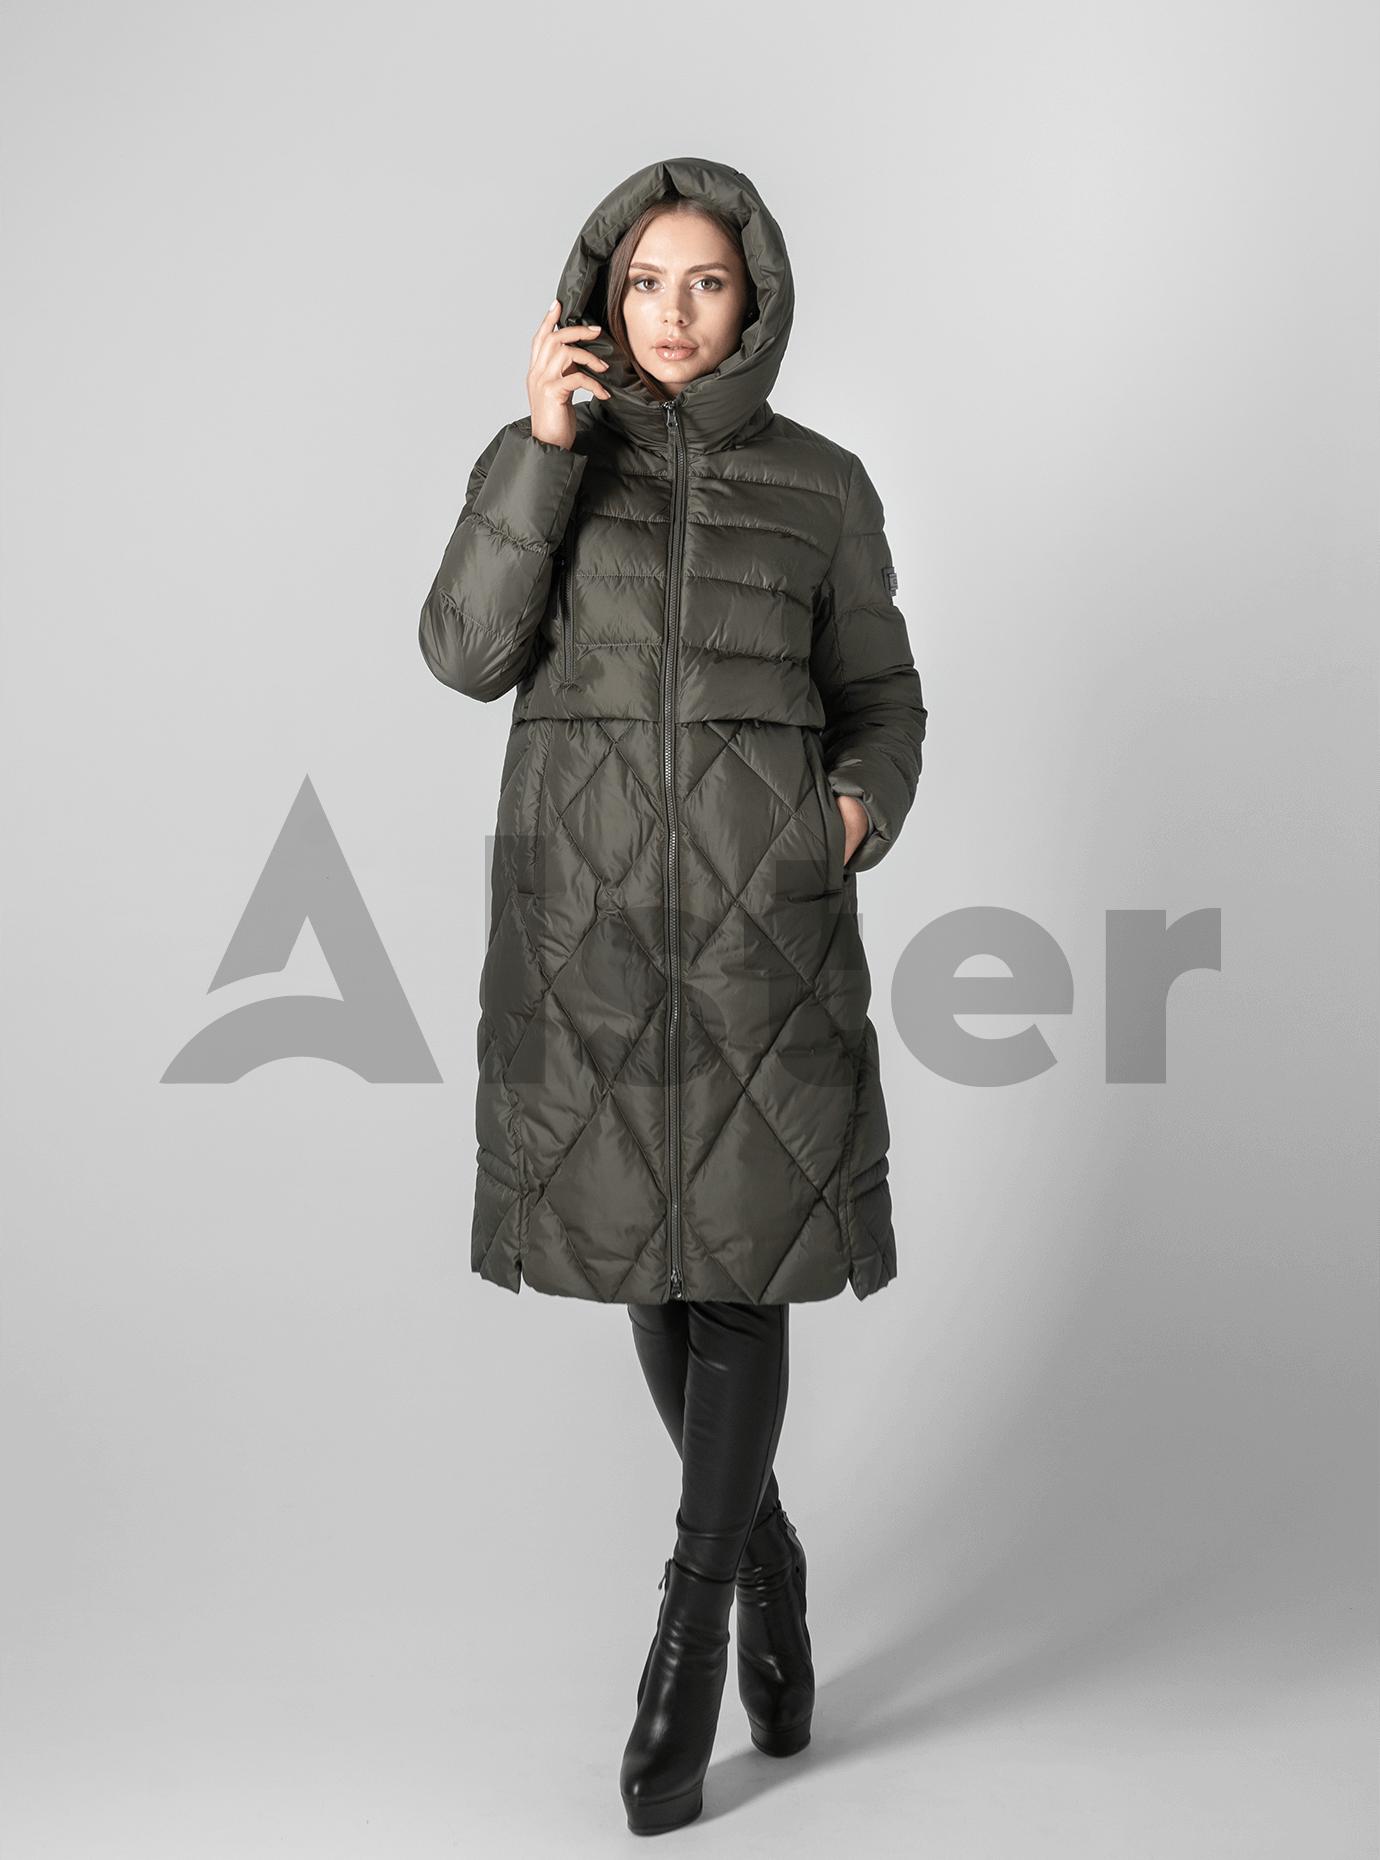 Куртка зимняя стёганая с капюшоном Хаки S (02-190104): фото - Alster.ua